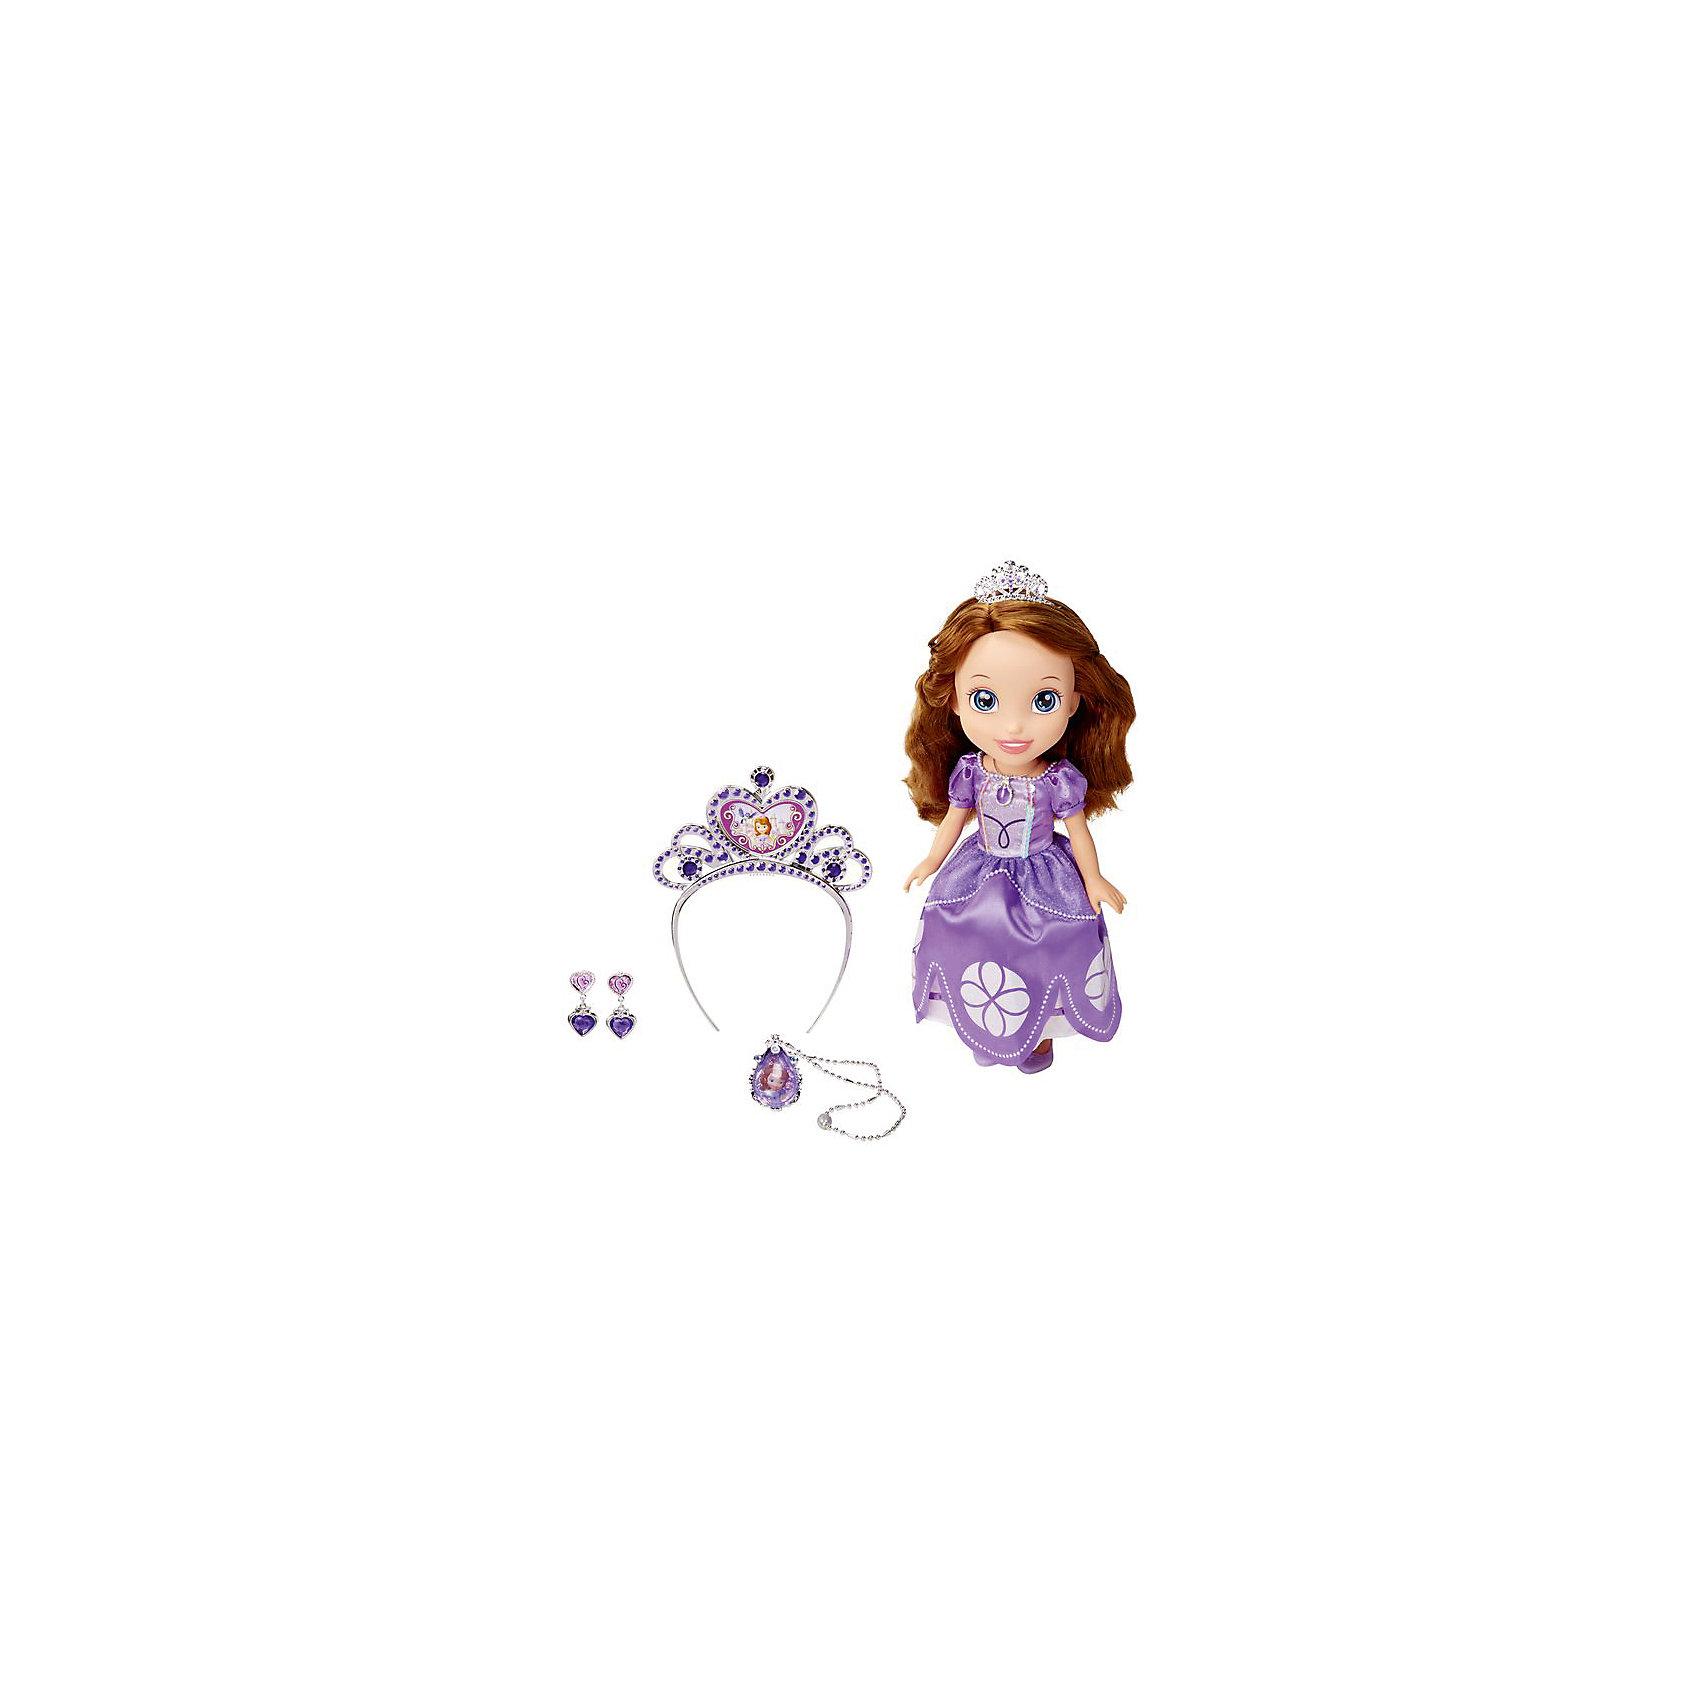 Кукла София, с аксессуарами, 37 см, София Прекрасная, Принцессы ДиснейКлассические куклы<br>Кукла София, с украшениями, 37 см, София Прекрасная, Принцессы Дисней - эта кукла приведет в восторг поклонниц София Прекрасная.<br>Кукла София приведет в восторг вашу малышку и не позволит ей скучать. Кукла изготовлена из прочного безопасного пластика и отличается высоким качеством исполнения. Благодаря ее добрым глазкам и задорной улыбке, вам непременно захочется улыбнуться ей в ответ. Глаза куклы выполнены с помощью специальных силиконовых линз, благодаря чему взгляд становится более глубоким и выразительным. София одета в роскошное бальное платье лавандового цвета, украшенное блестками и бусинками. На ногах туфельки - лавандового цвета. На голове у принцессы серебристая диадема. Девочке понравятся ее шелковистые каштановые волосы, их так весело заплетать и расчесывать. Также в комплект входят украшения для девочки - королевская тиара, серьги и подвеска, оформленные в неповторимом стиле принцессы Софии. Кукла София подарит девочке неограниченный простор для фантазии и игр, малышка сможет часами играть с ней, придумывая различные истории и разыгрывая сцены из мультфильма.<br><br>Дополнительная информация:<br><br>- В комплекте: кукла, тиара, амулет, браслет, туфельки для куклы, украшения для девочки (тиара, серьги и подвеска)<br>- Высота: 37 см.<br>- Материалы: пластик, текстиль<br><br>Куклу София, с аксессуарами, 37 см, София Прекрасная, Принцессы Дисней можно купить в нашем интернет-магазине.<br><br>Ширина мм: 410<br>Глубина мм: 400<br>Высота мм: 120<br>Вес г: 1260<br>Возраст от месяцев: 36<br>Возраст до месяцев: 144<br>Пол: Женский<br>Возраст: Детский<br>SKU: 4505043